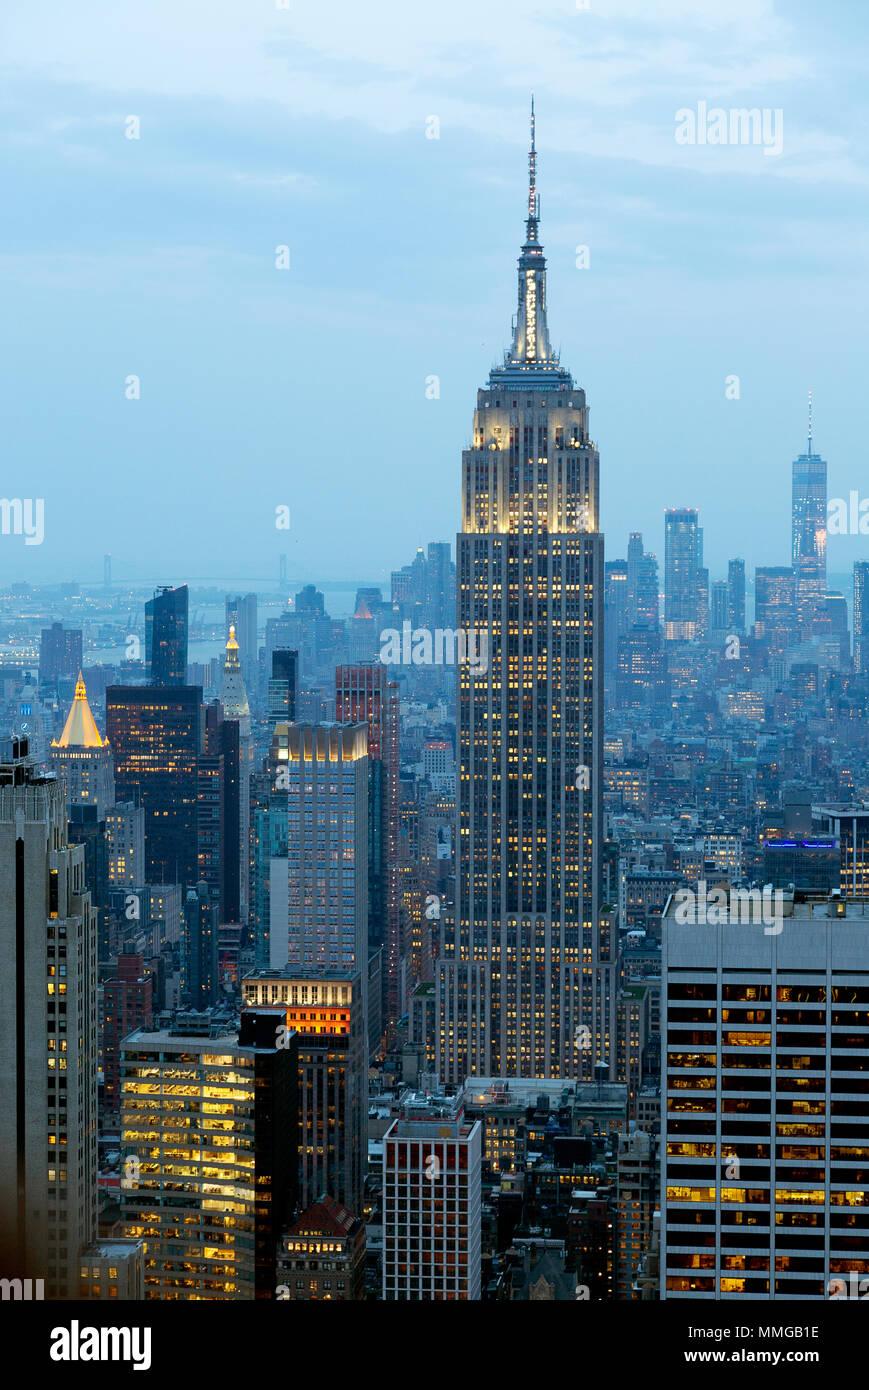 L'Empire State Building et toits de New York dans la soirée vu du haut de la roche, New York city Etats-unis d'Amérique Banque D'Images